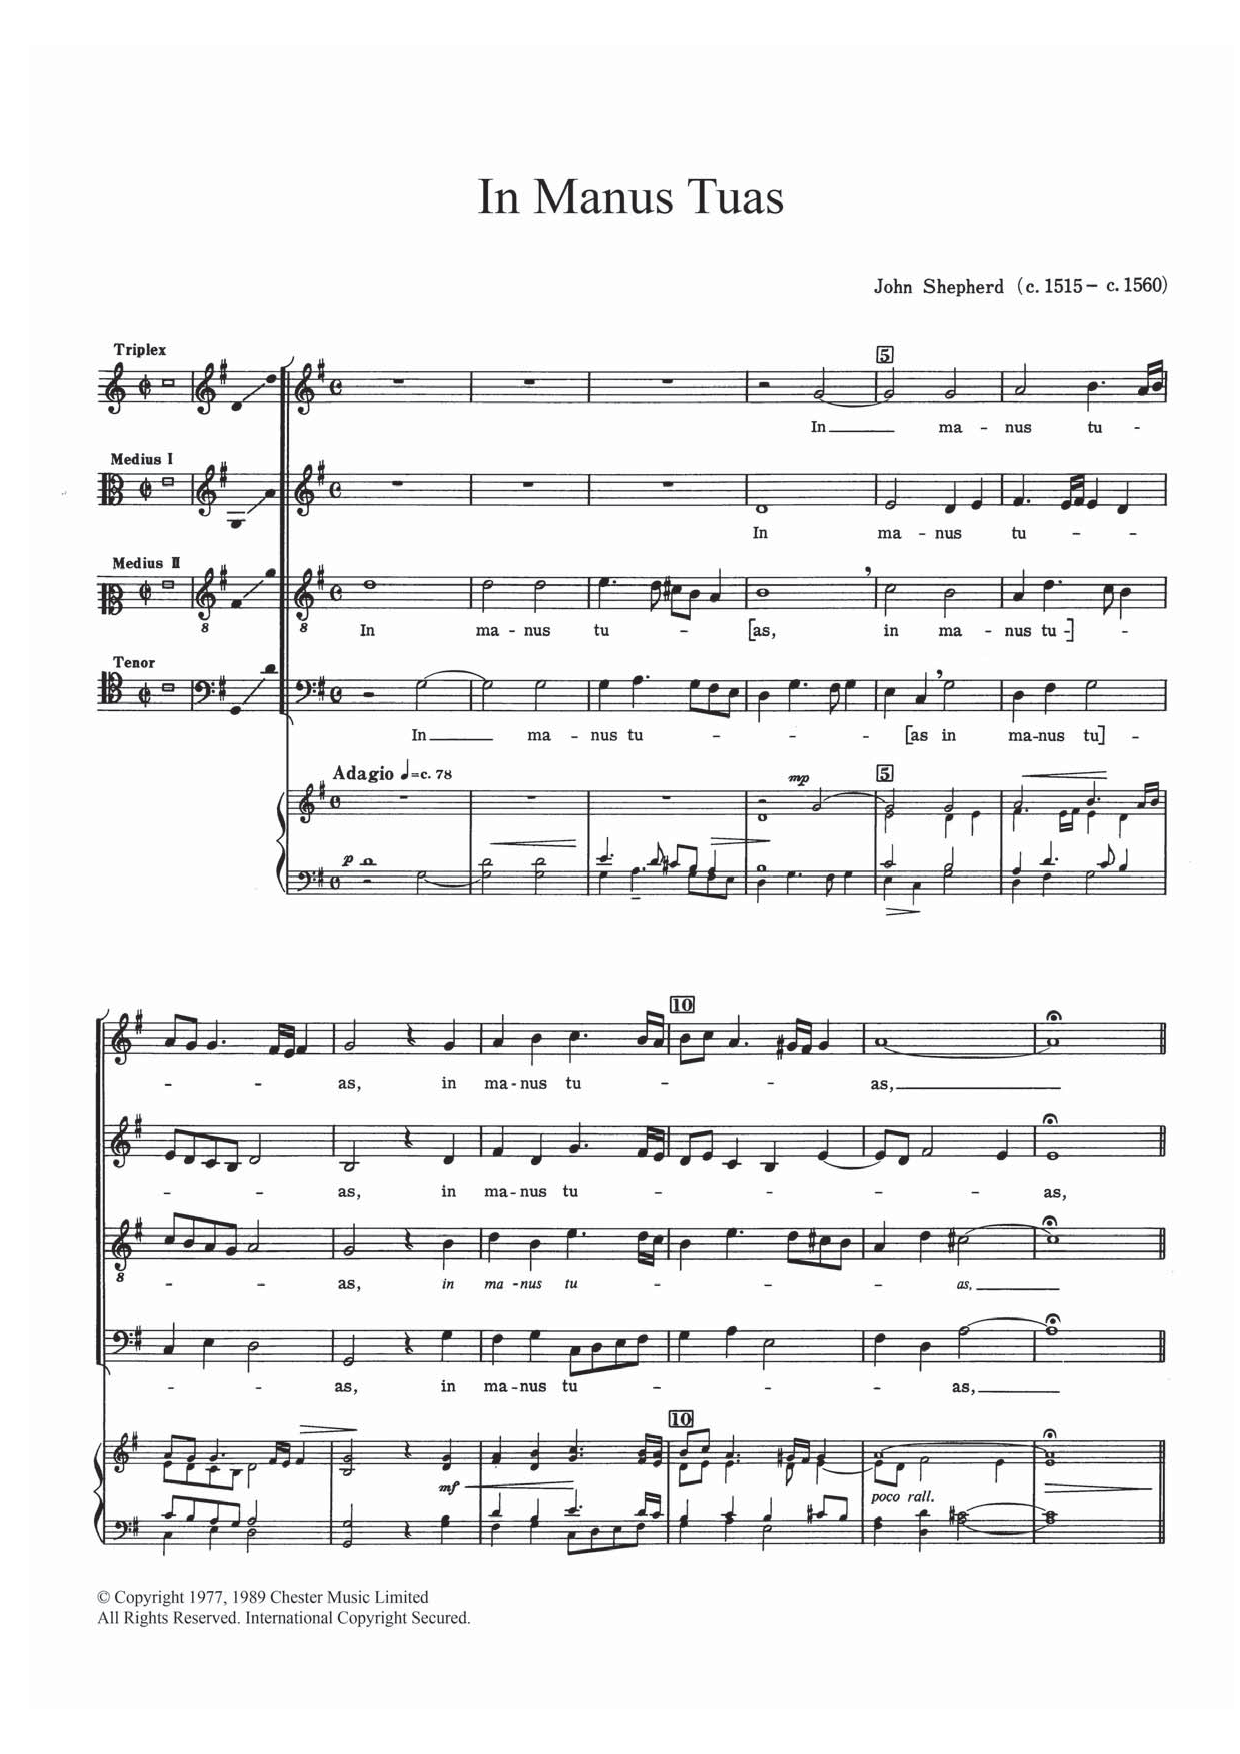 In Manus Tuas Sheet Music